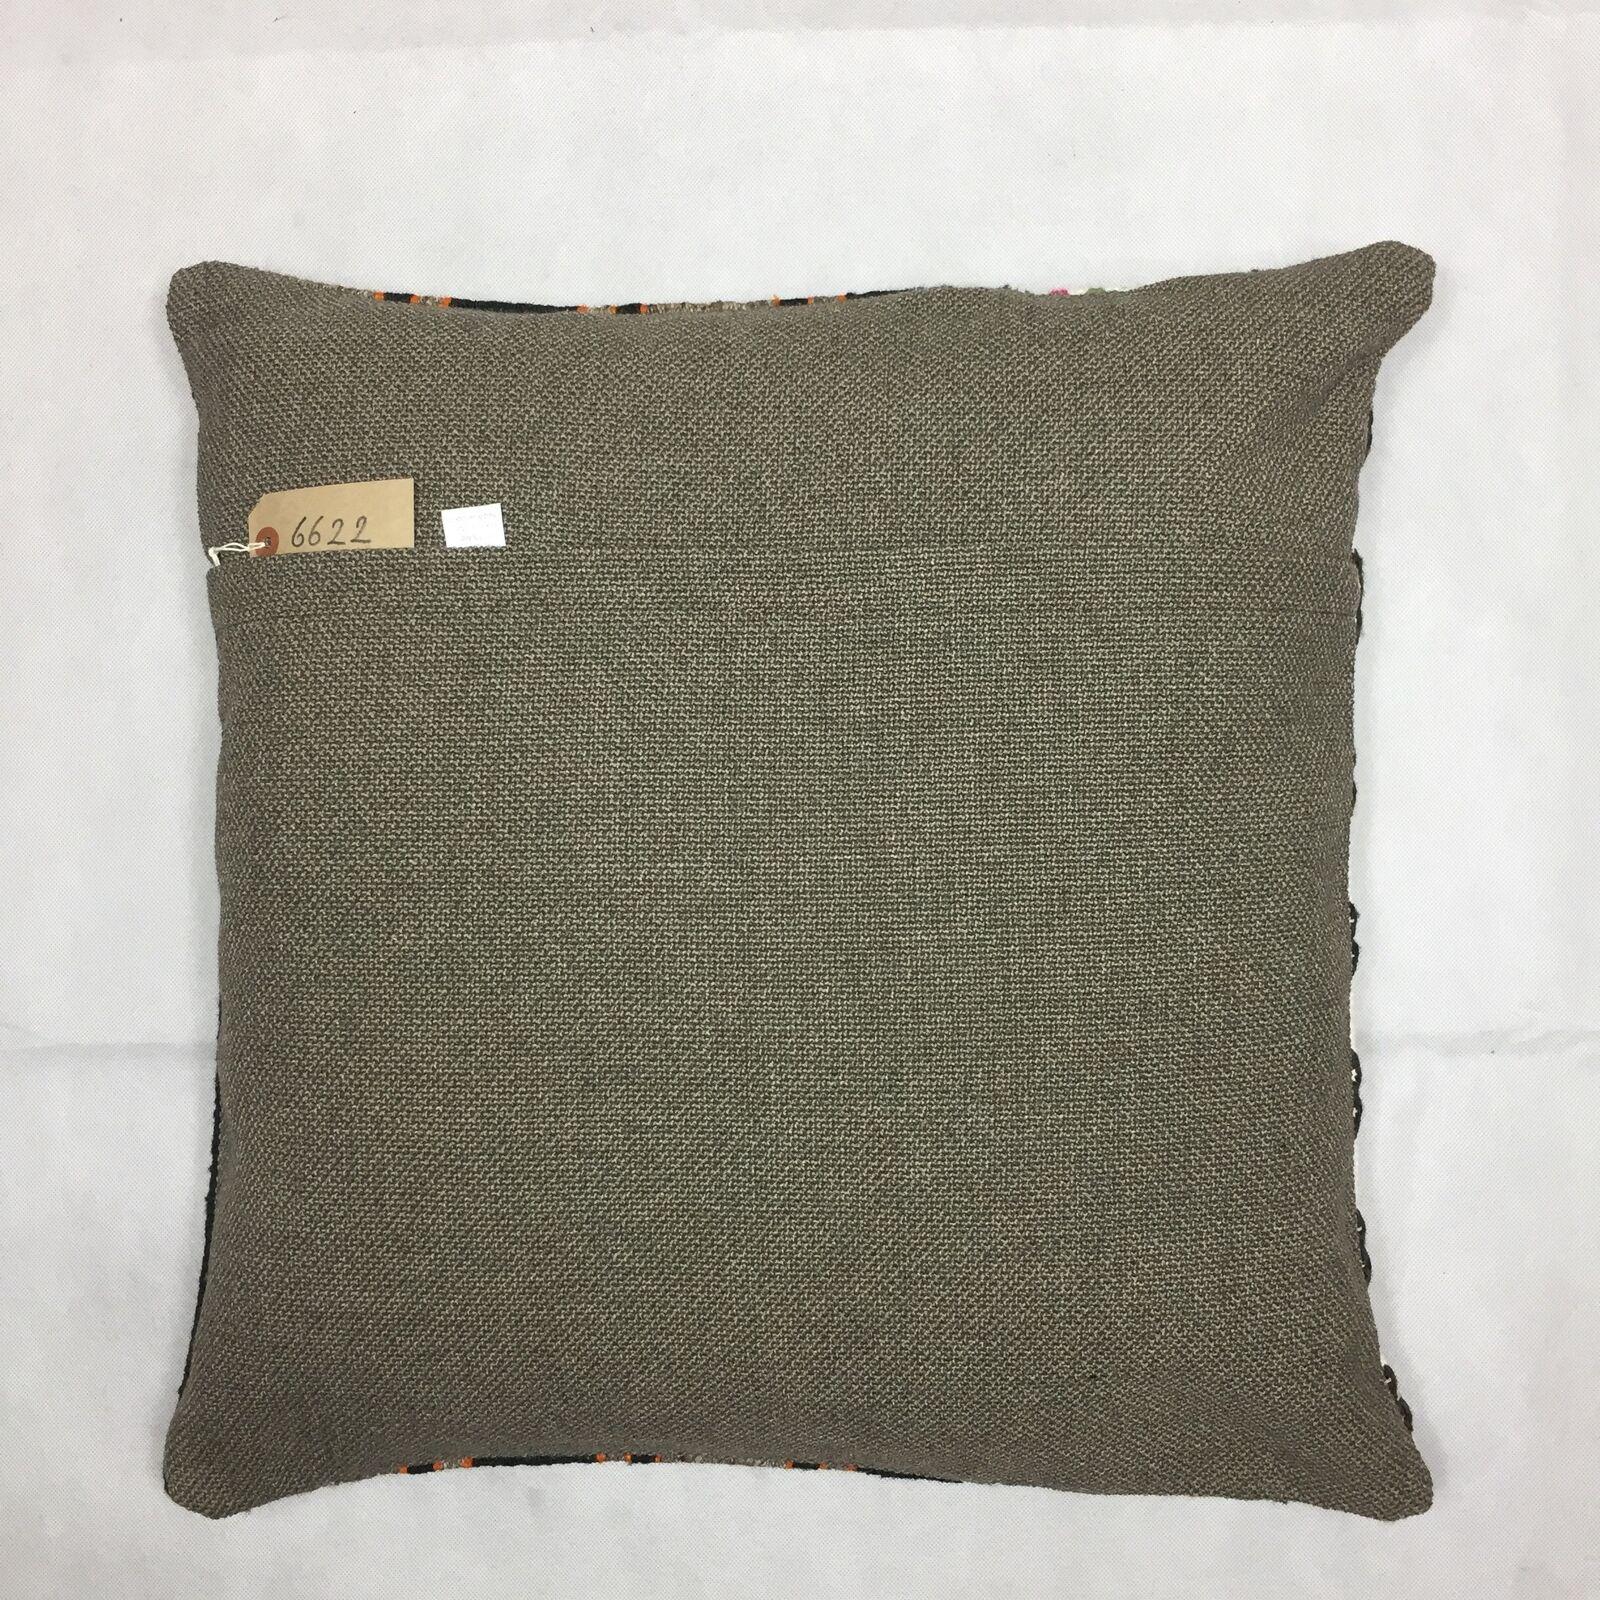 Kilim Coussin Couverture, Kelim 60x60cm, Coussin 60x60cm, Kelim 24 pouces, Kilim Floor Cushion 5461f0